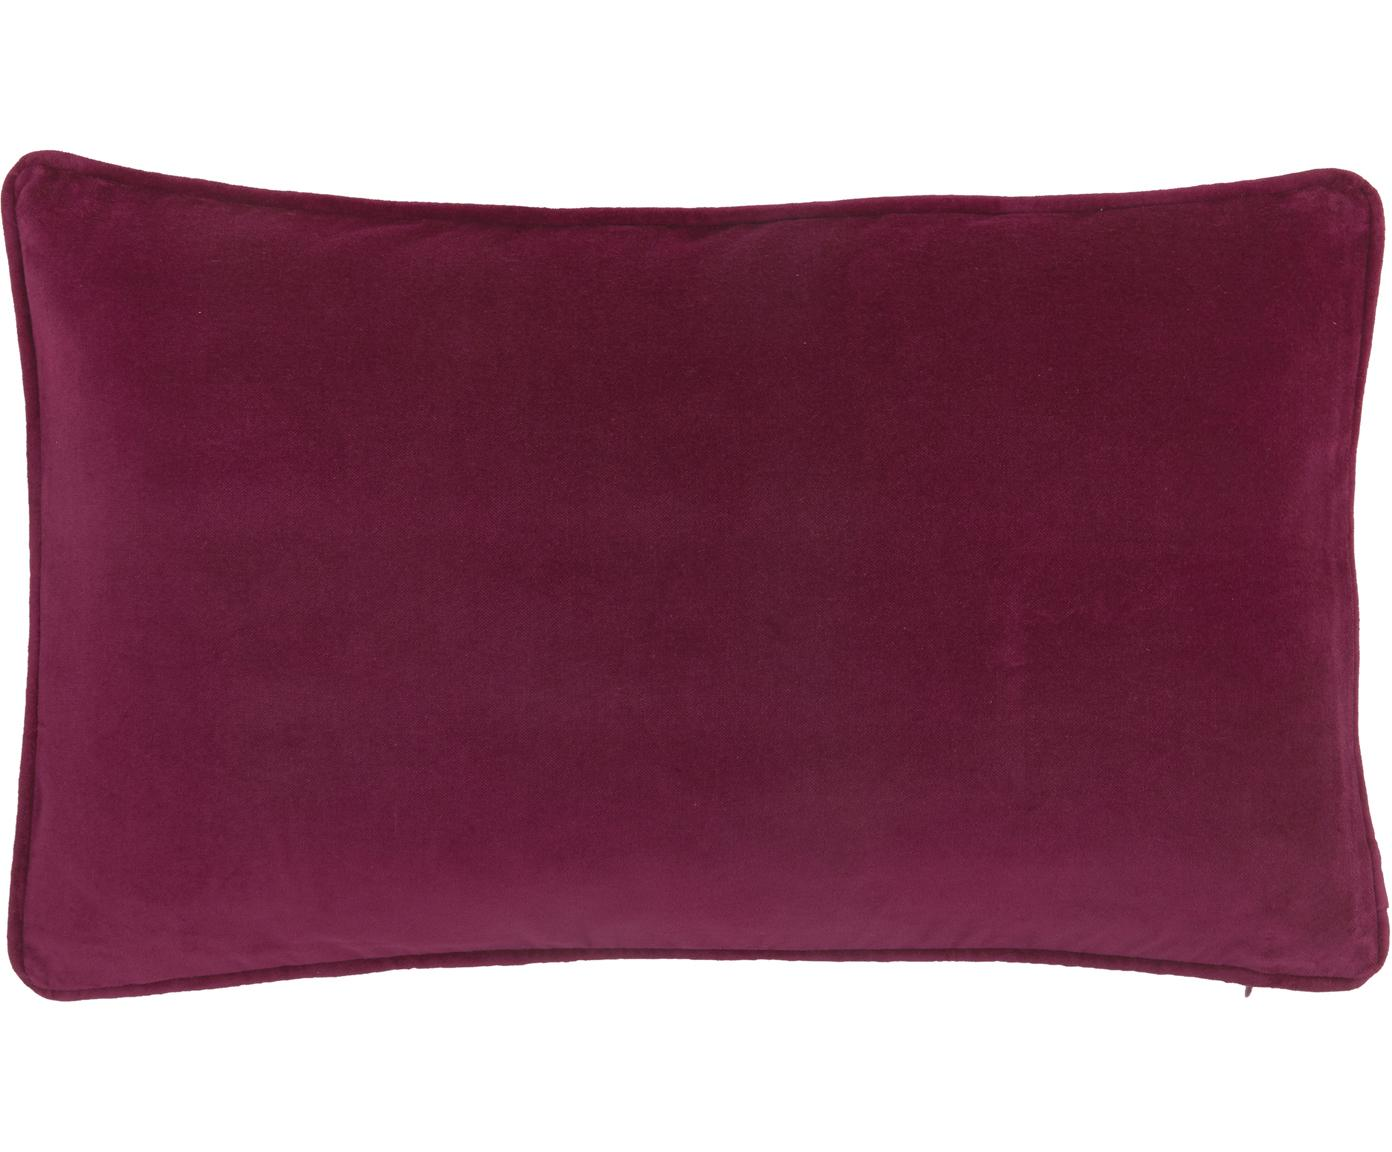 Effen fluwelen kussenhoes Dana in wijnrood, Katoenfluweel, Wijnrood, 30 x 50 cm